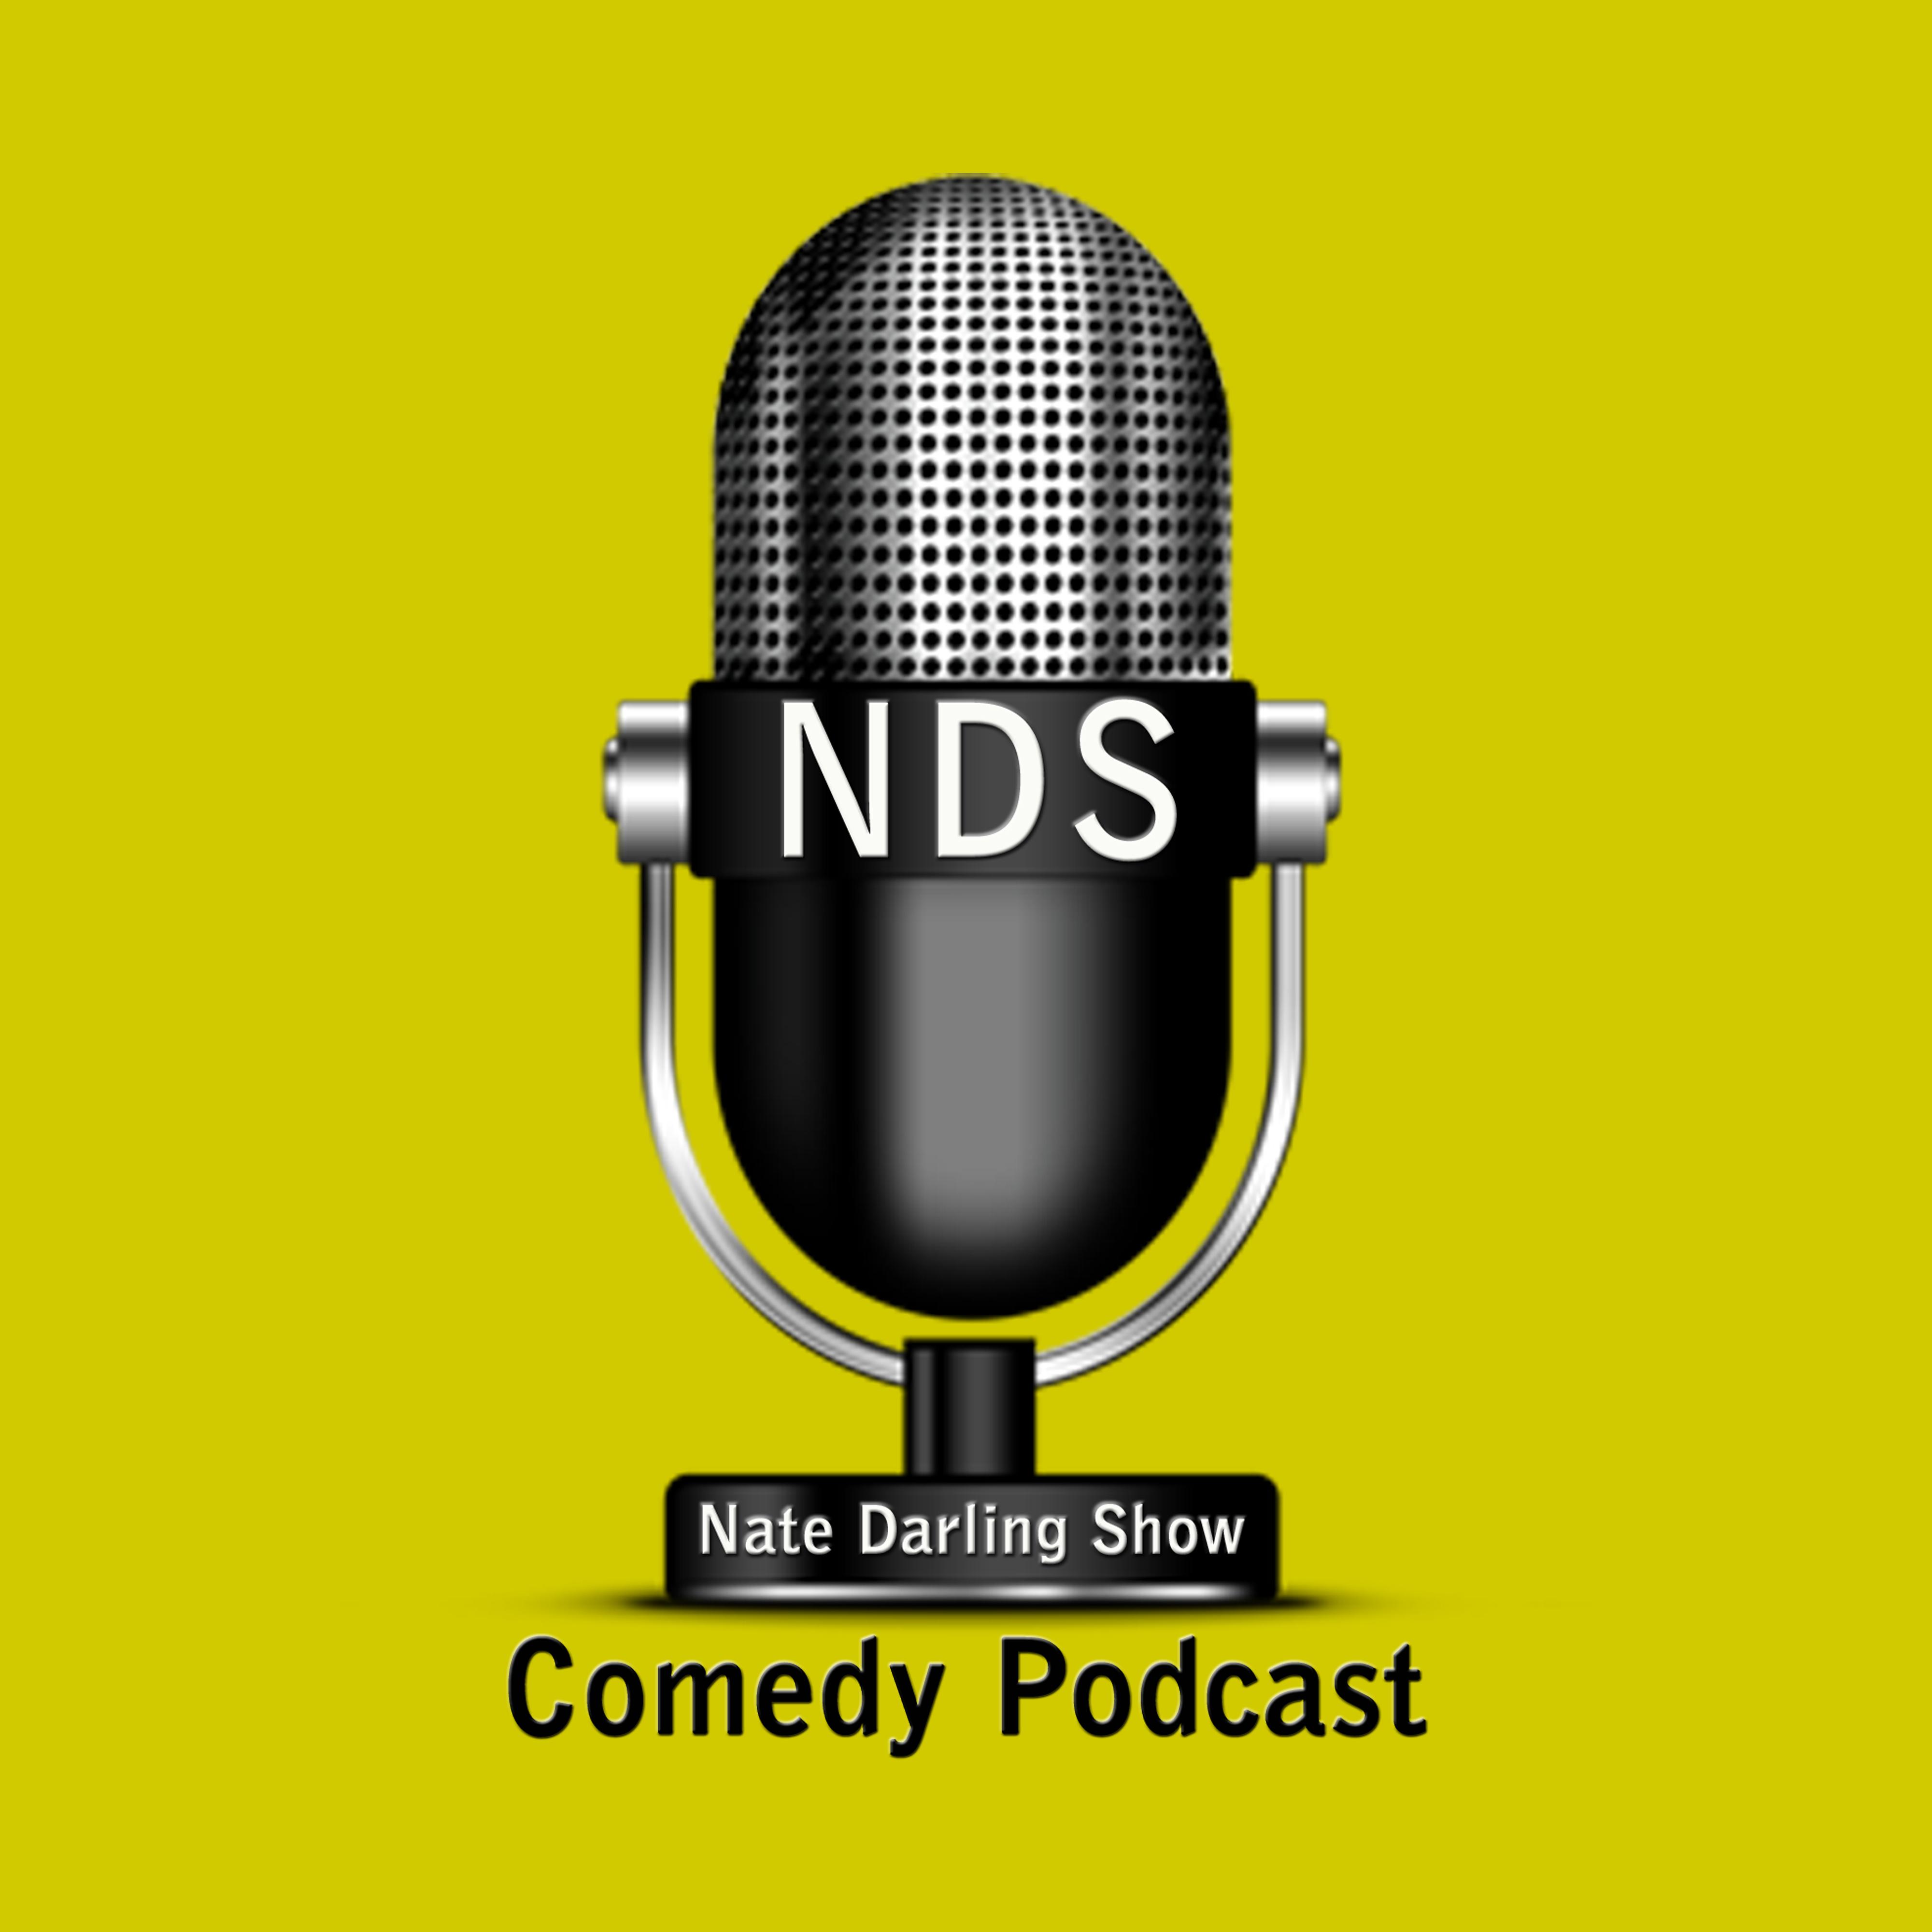 Nate Darling Show – natedarlingshow.com